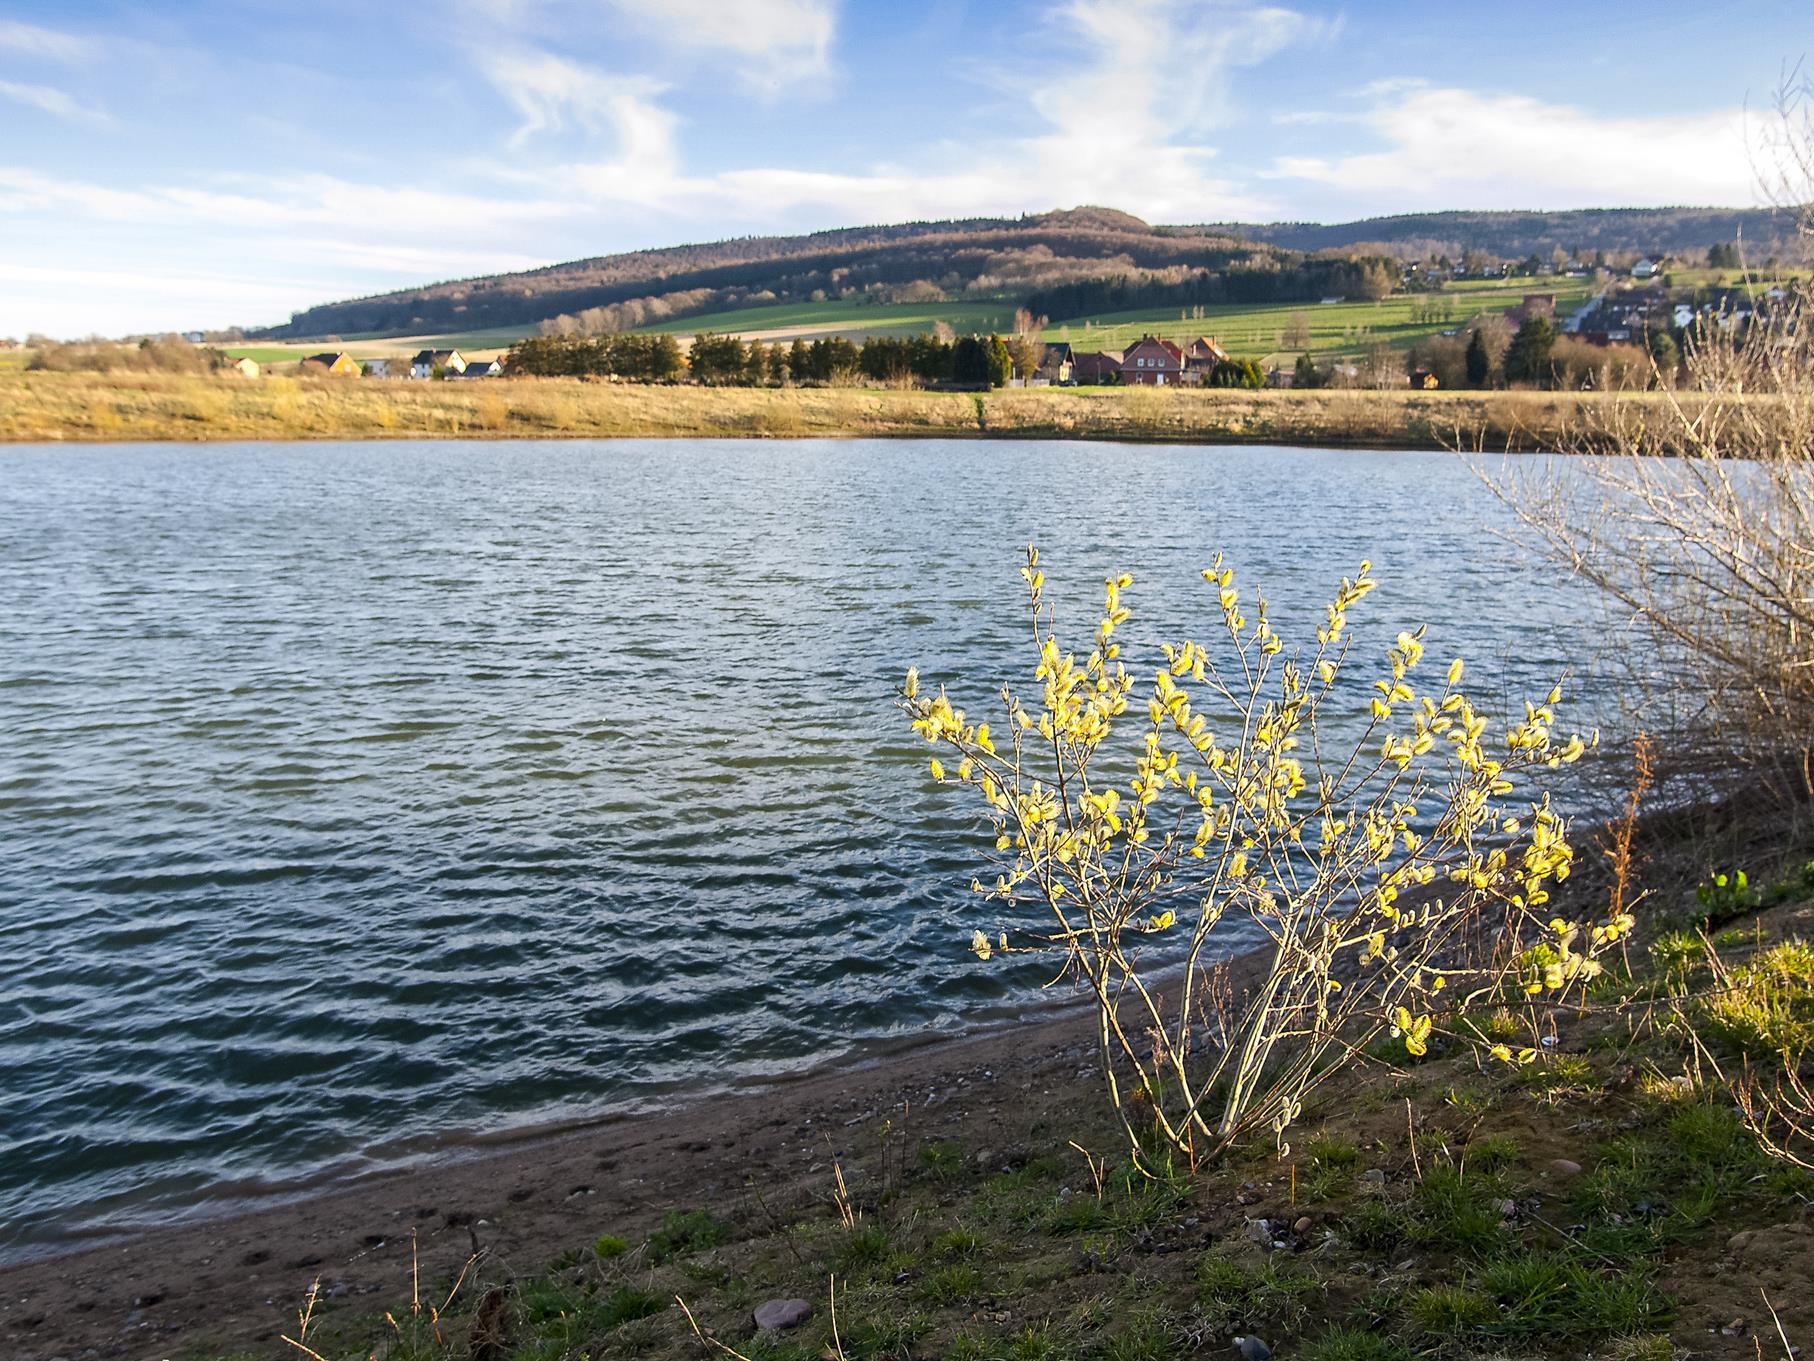 Eine einzelne kleine Weide wird von der Abendsonne am östlichen Teich angestrahlt.